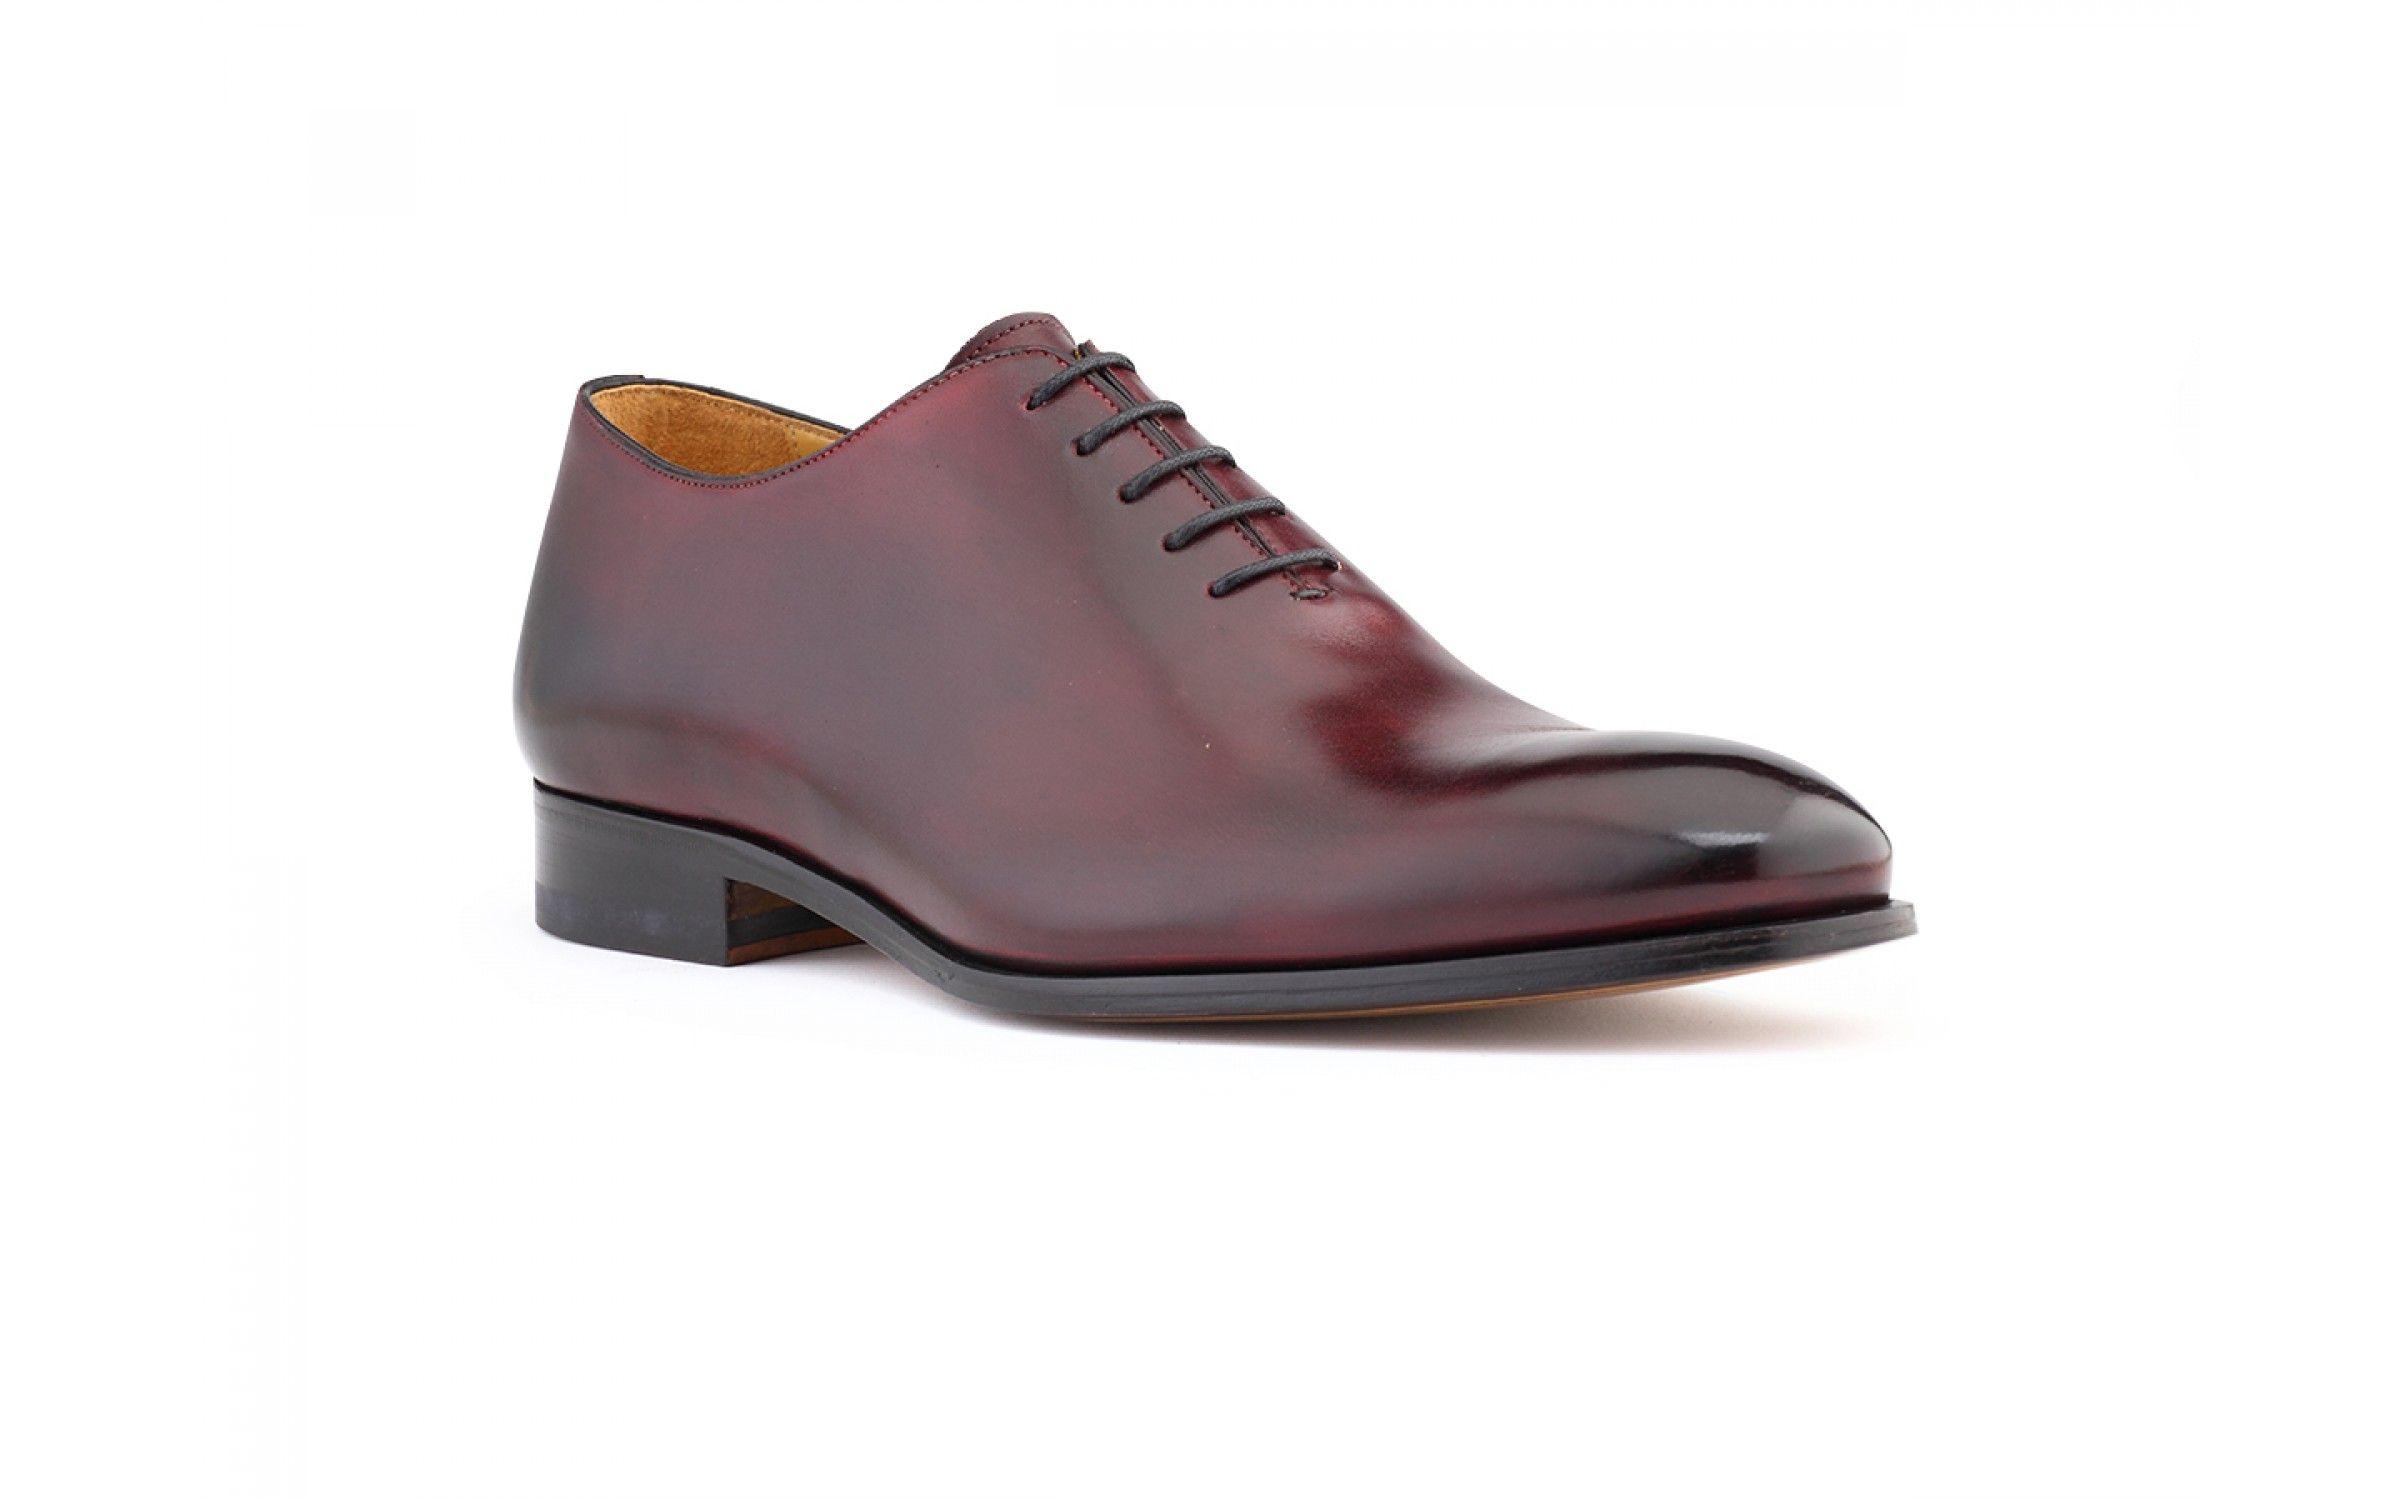 26d69d107f539 Wholecut Oxford Plain Toe Dress Shoes in Diable Antique Italian Leather